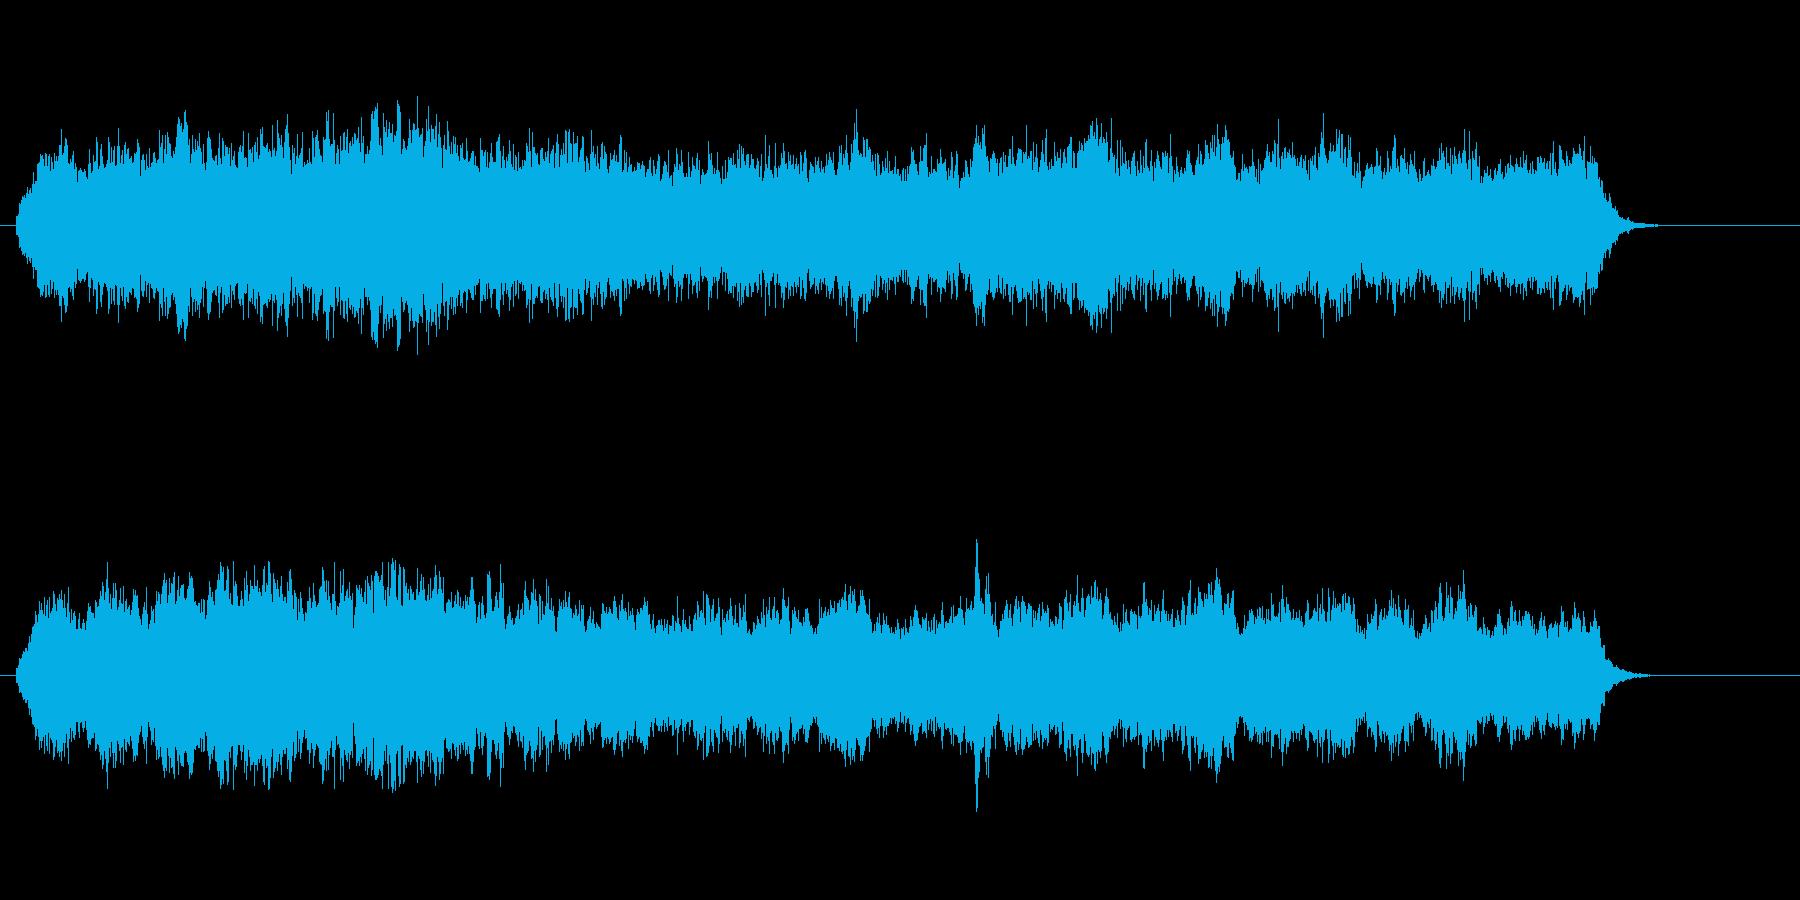 粒子の輝き風アンビエント・ミュージックの再生済みの波形